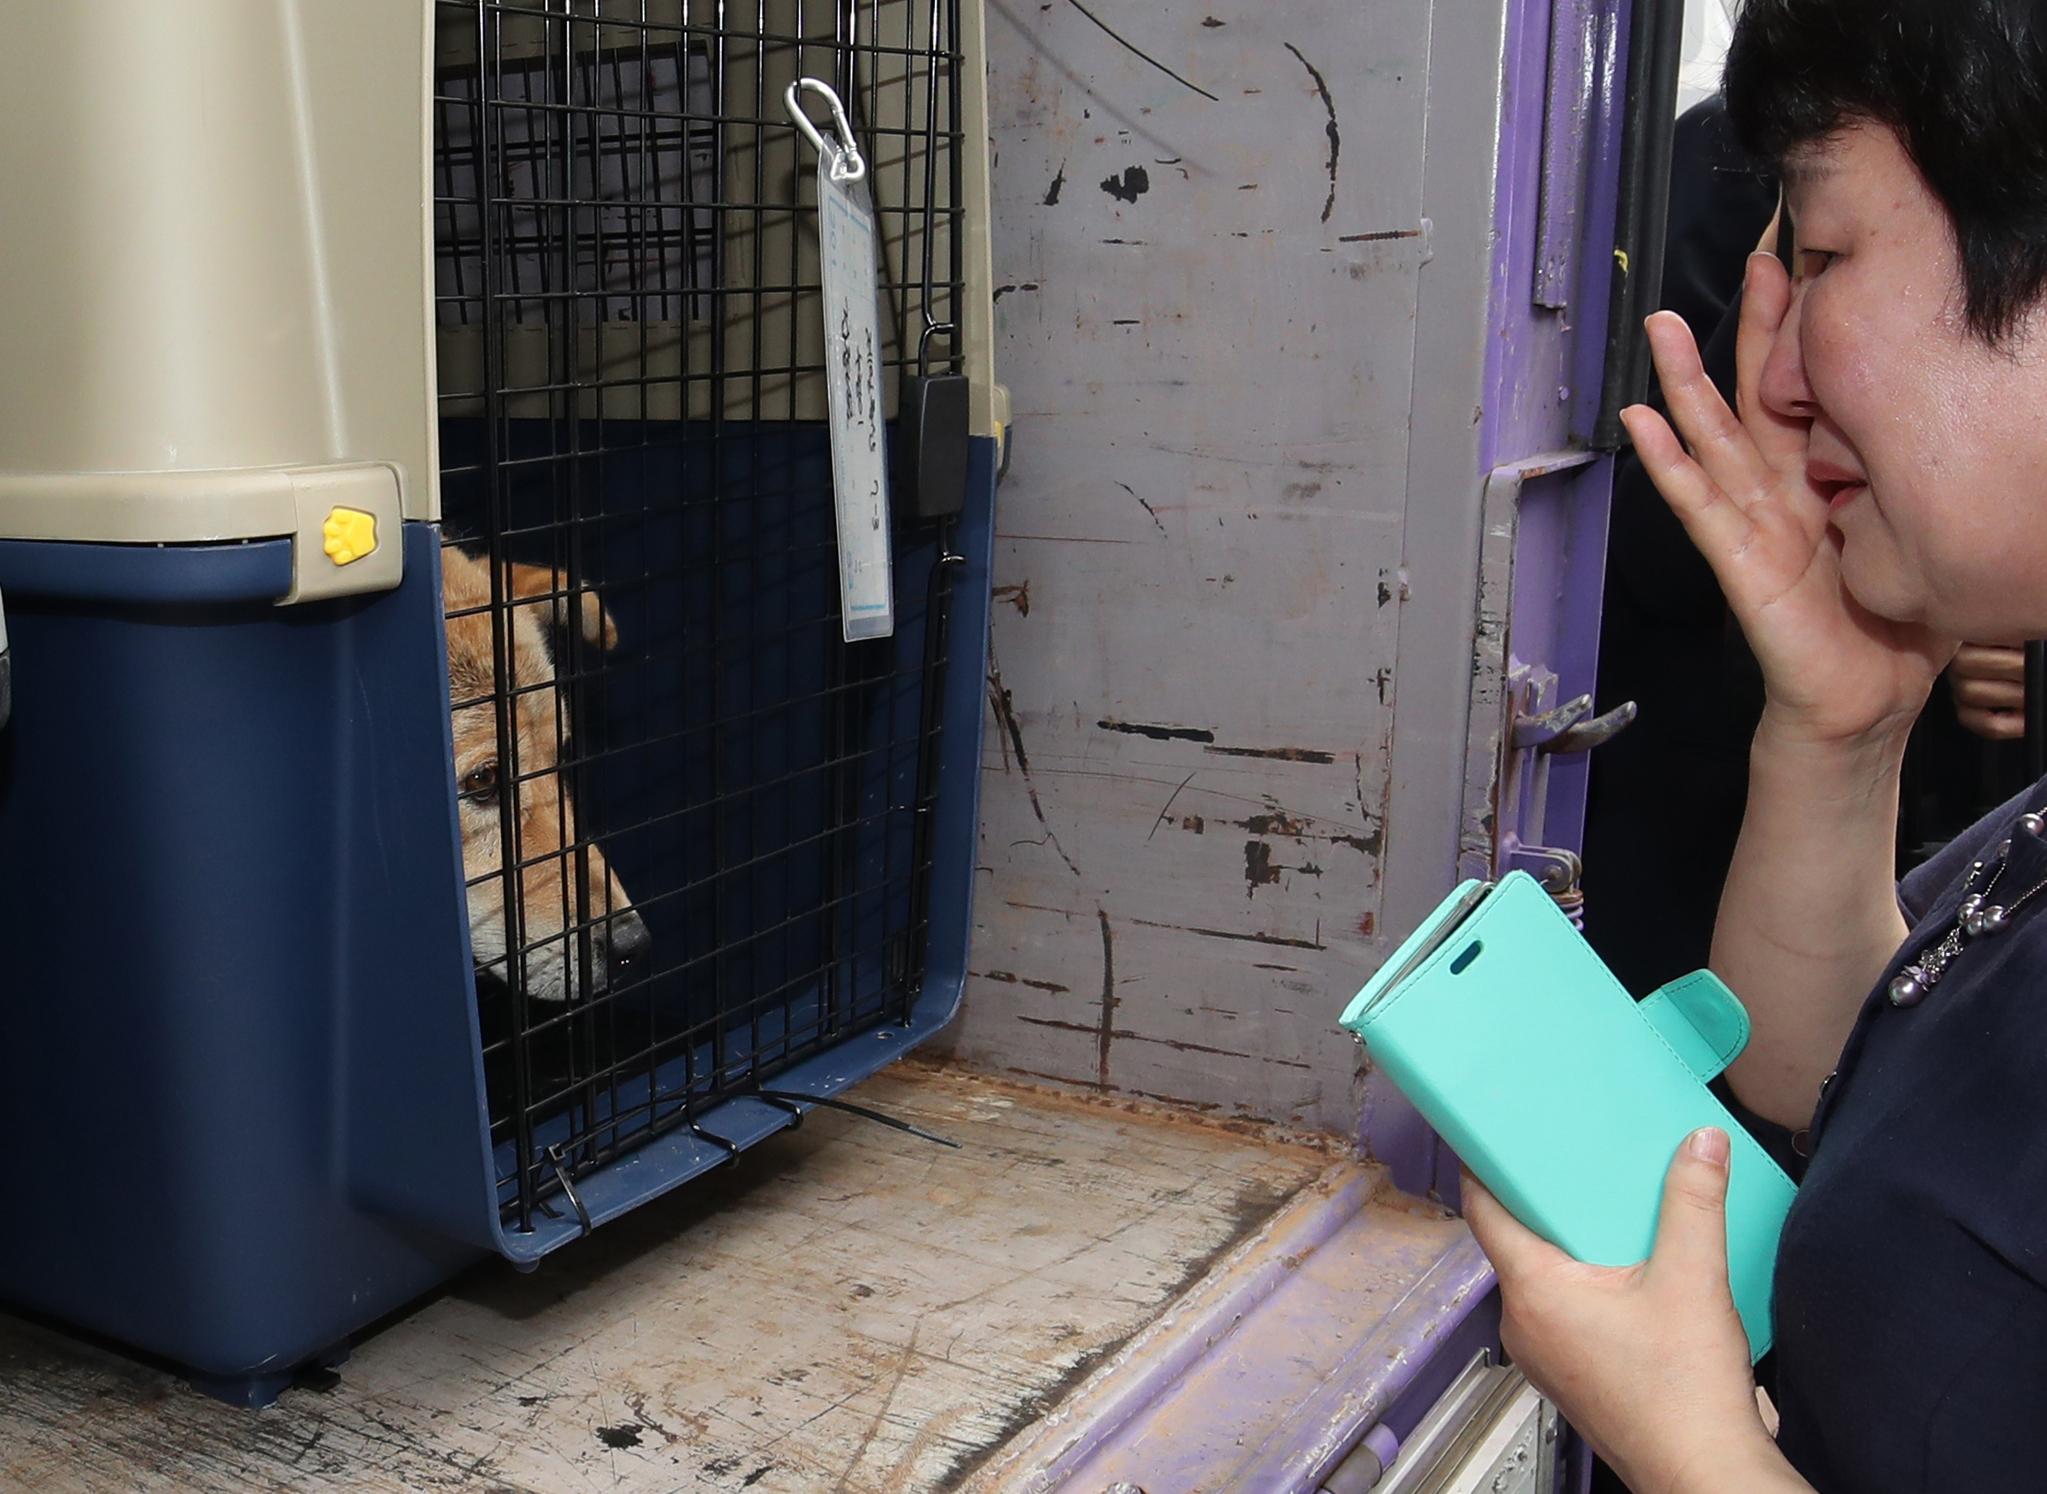 1일 오후 부산 북구 구포시장 내 가축시장에서 동물보호단체들이 구조한 개들을 보며 한 시민이 눈물을 흘리고 있다. [뉴스1]